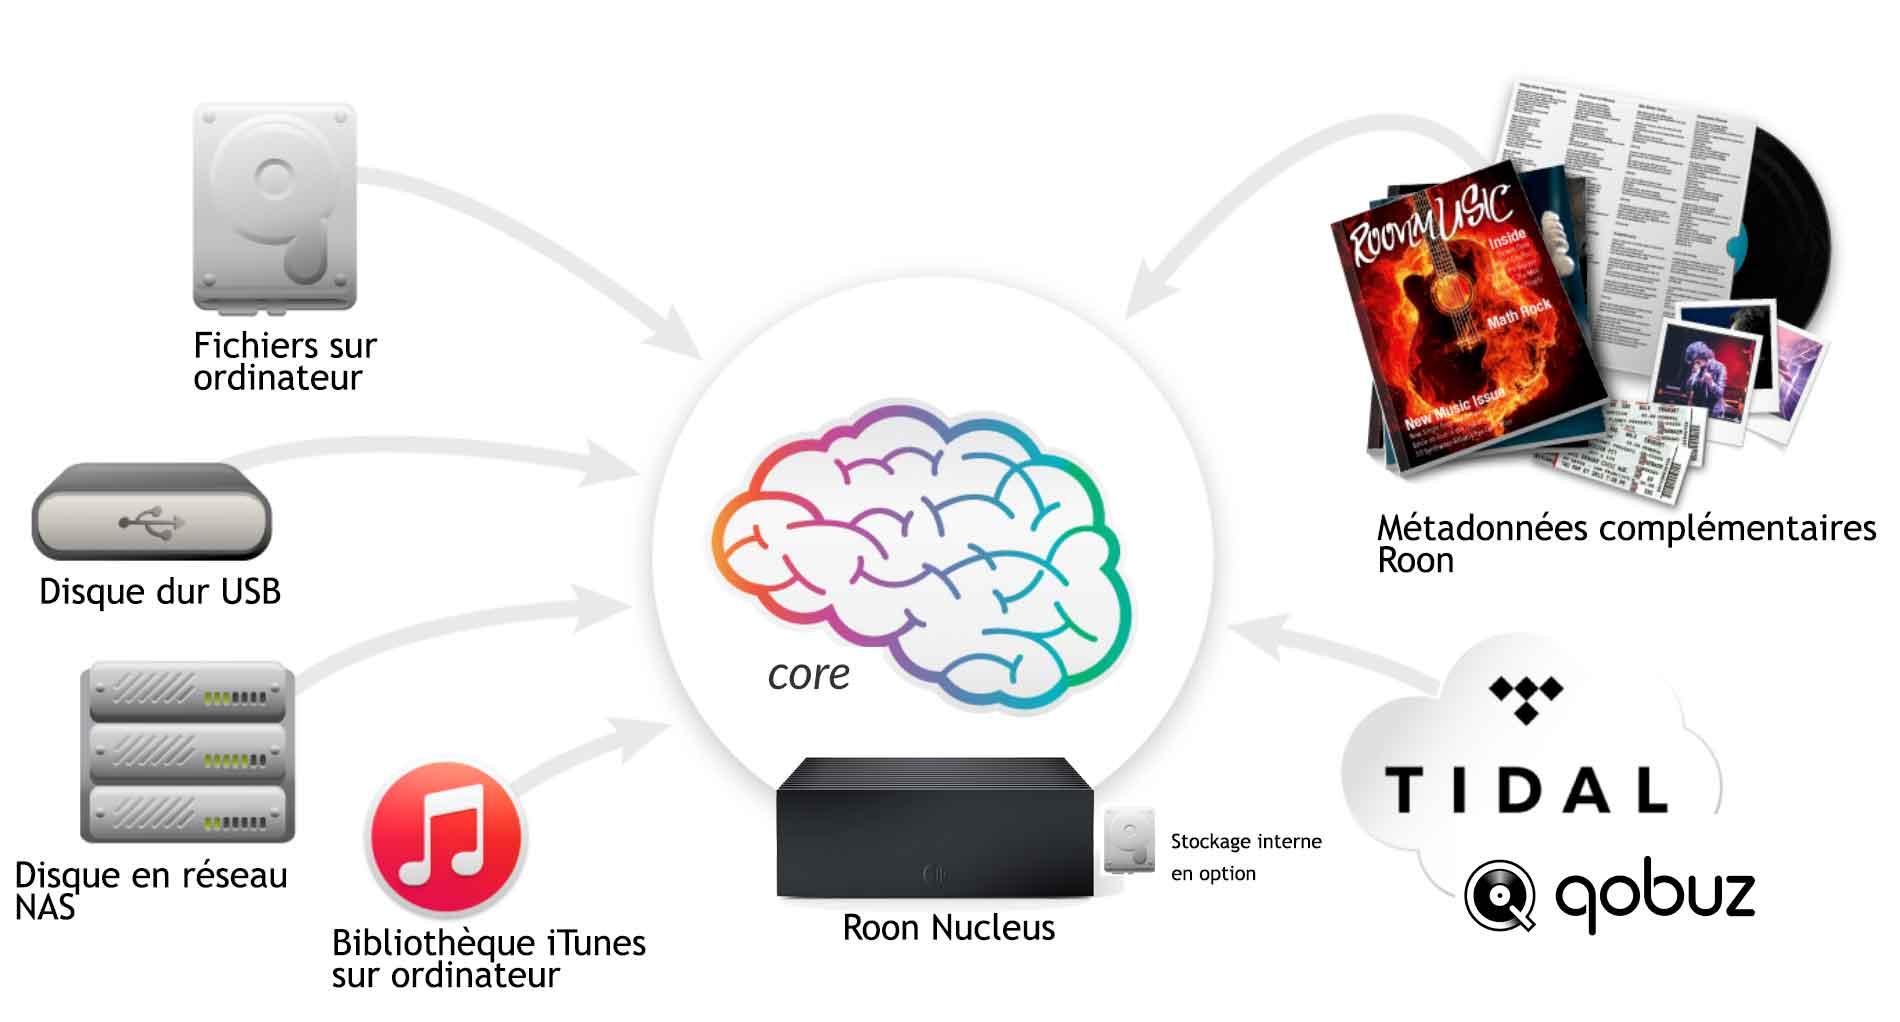 Roon Core : le coeur du système musical